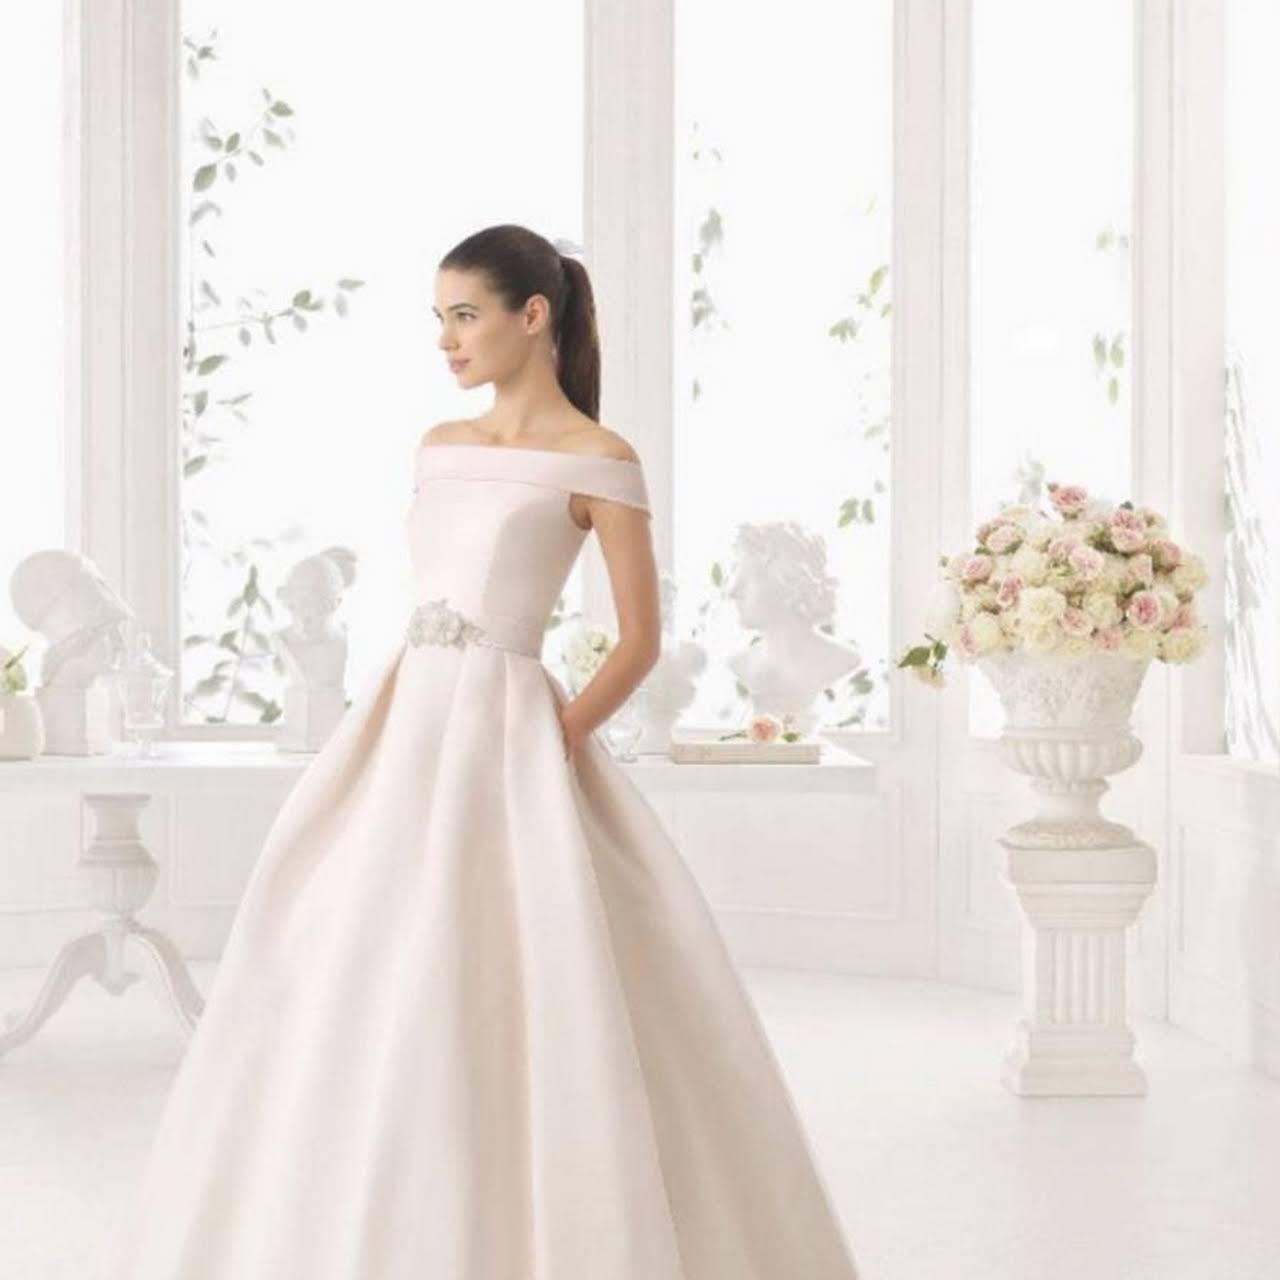 8b133ce2e5fe L abito perfetto per la tua cerimonia